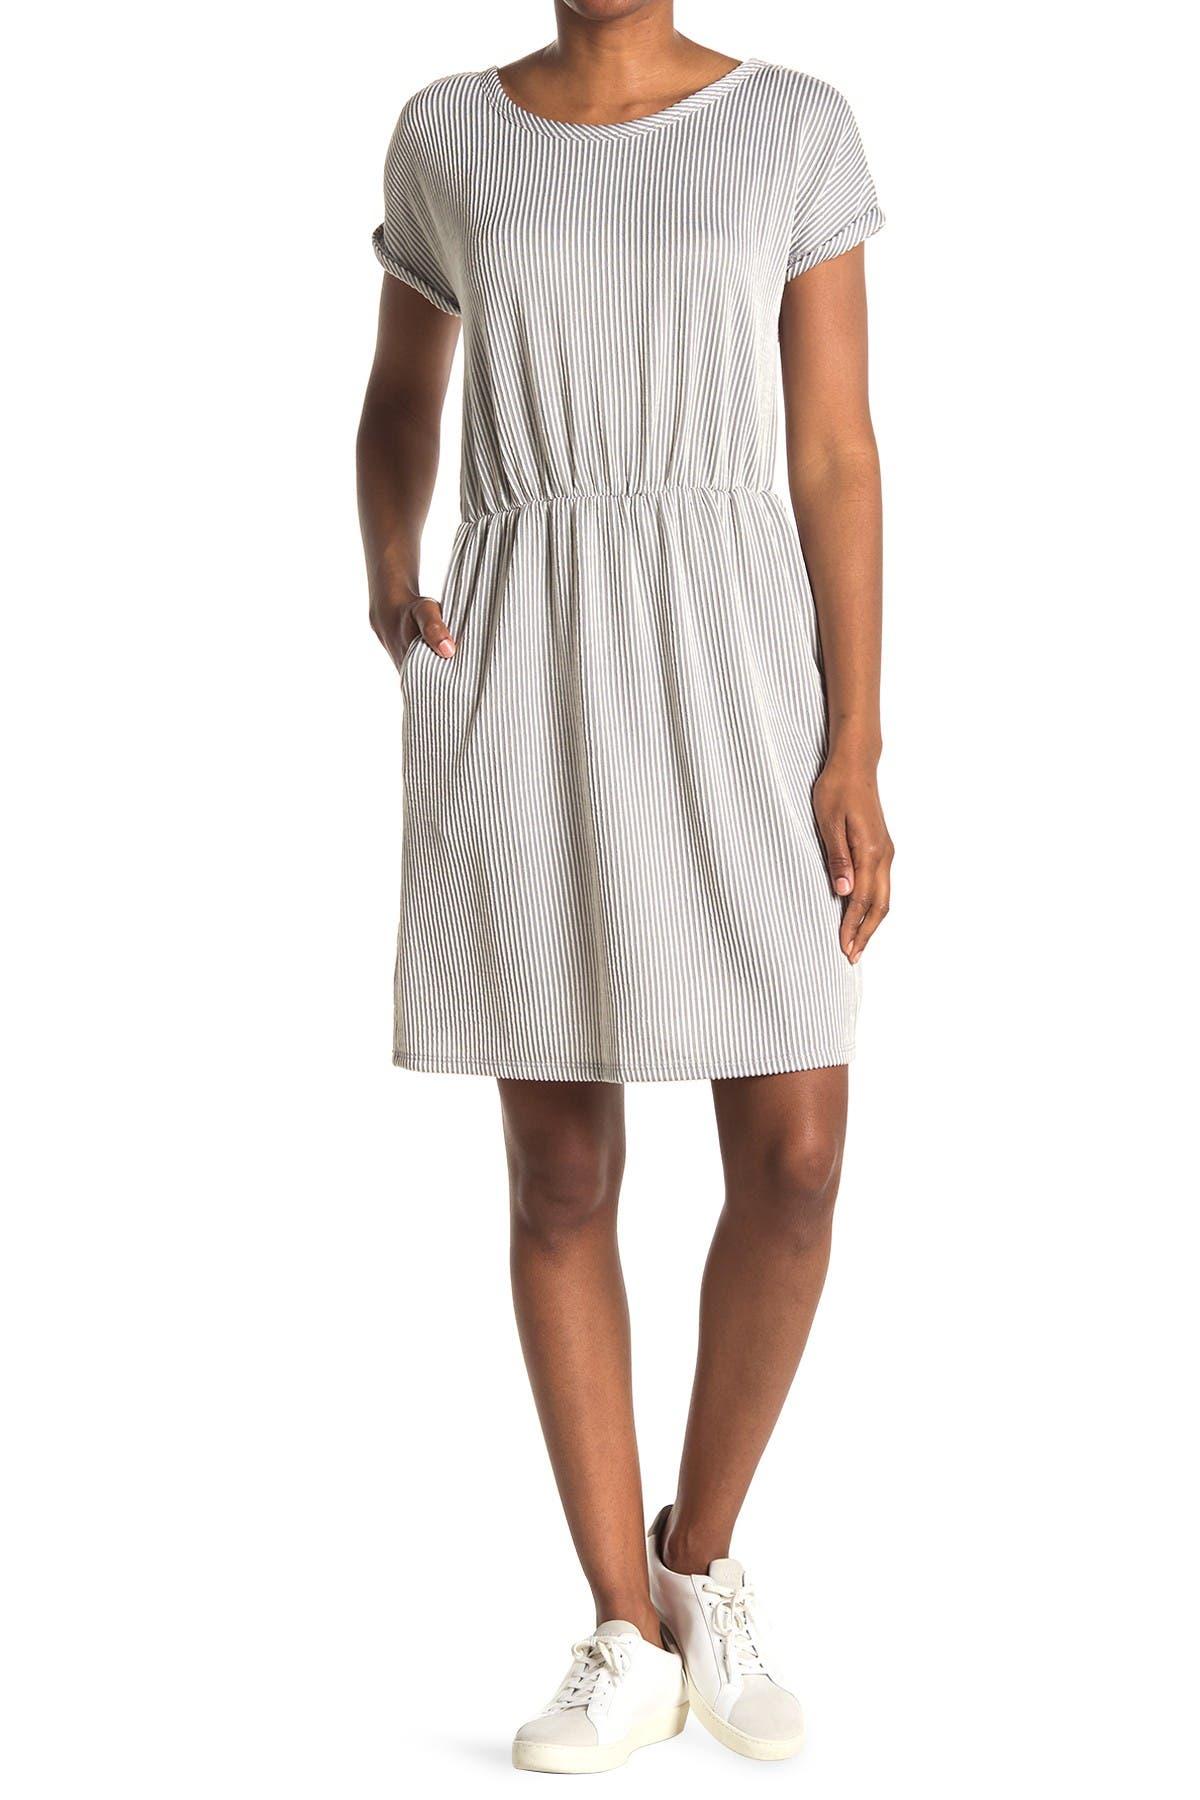 Image of TASH + SOPHIE Striped Short Sleeve Pocket Dress